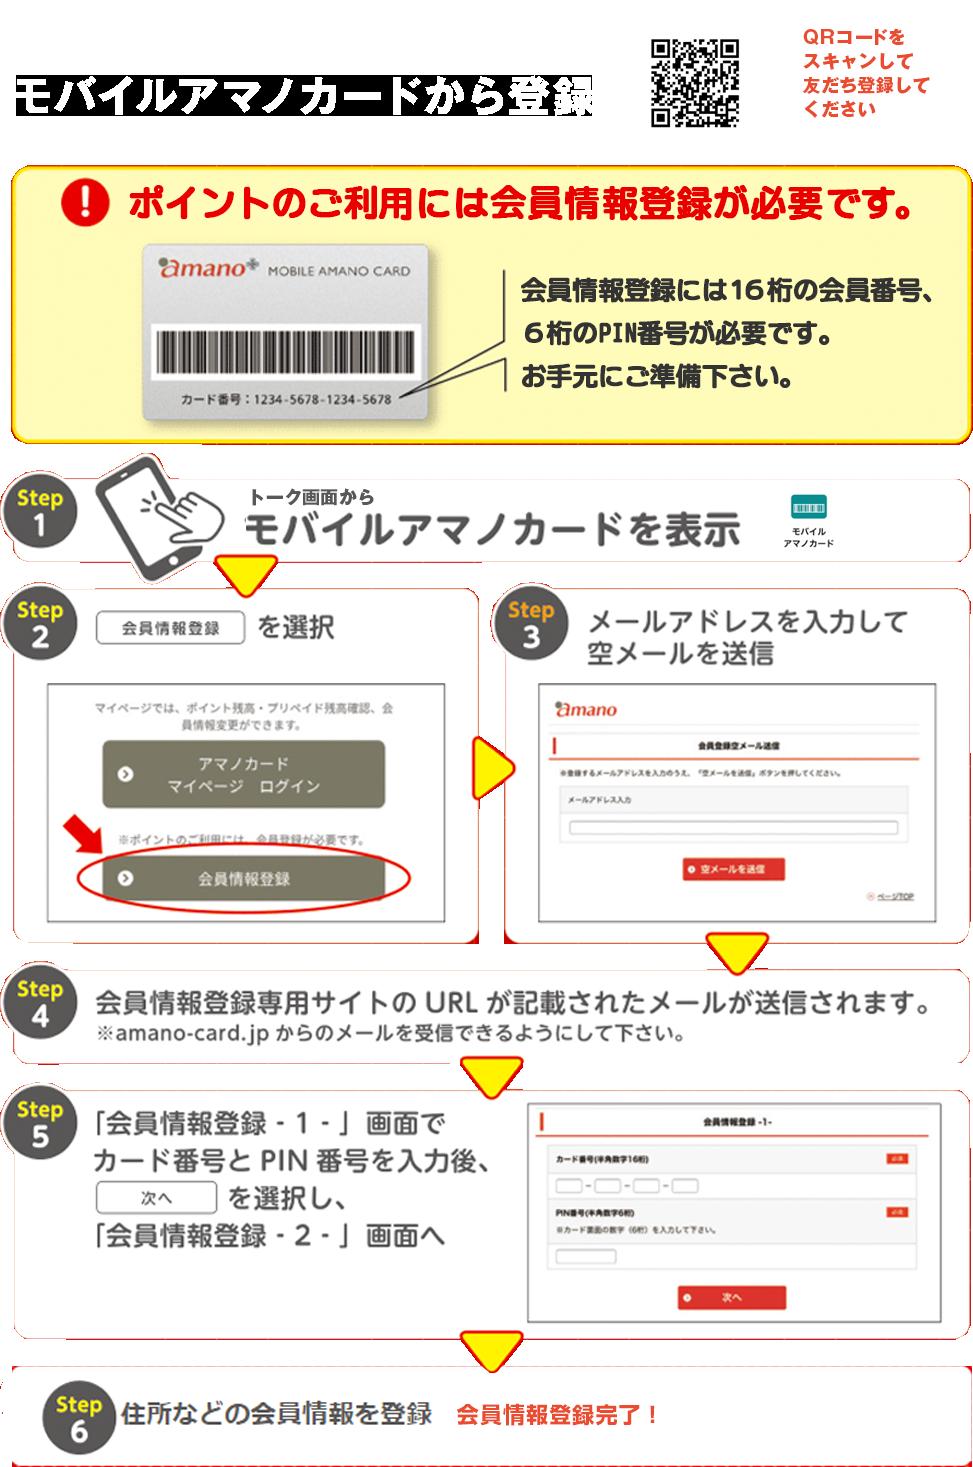 モバイルアマノカードから登録